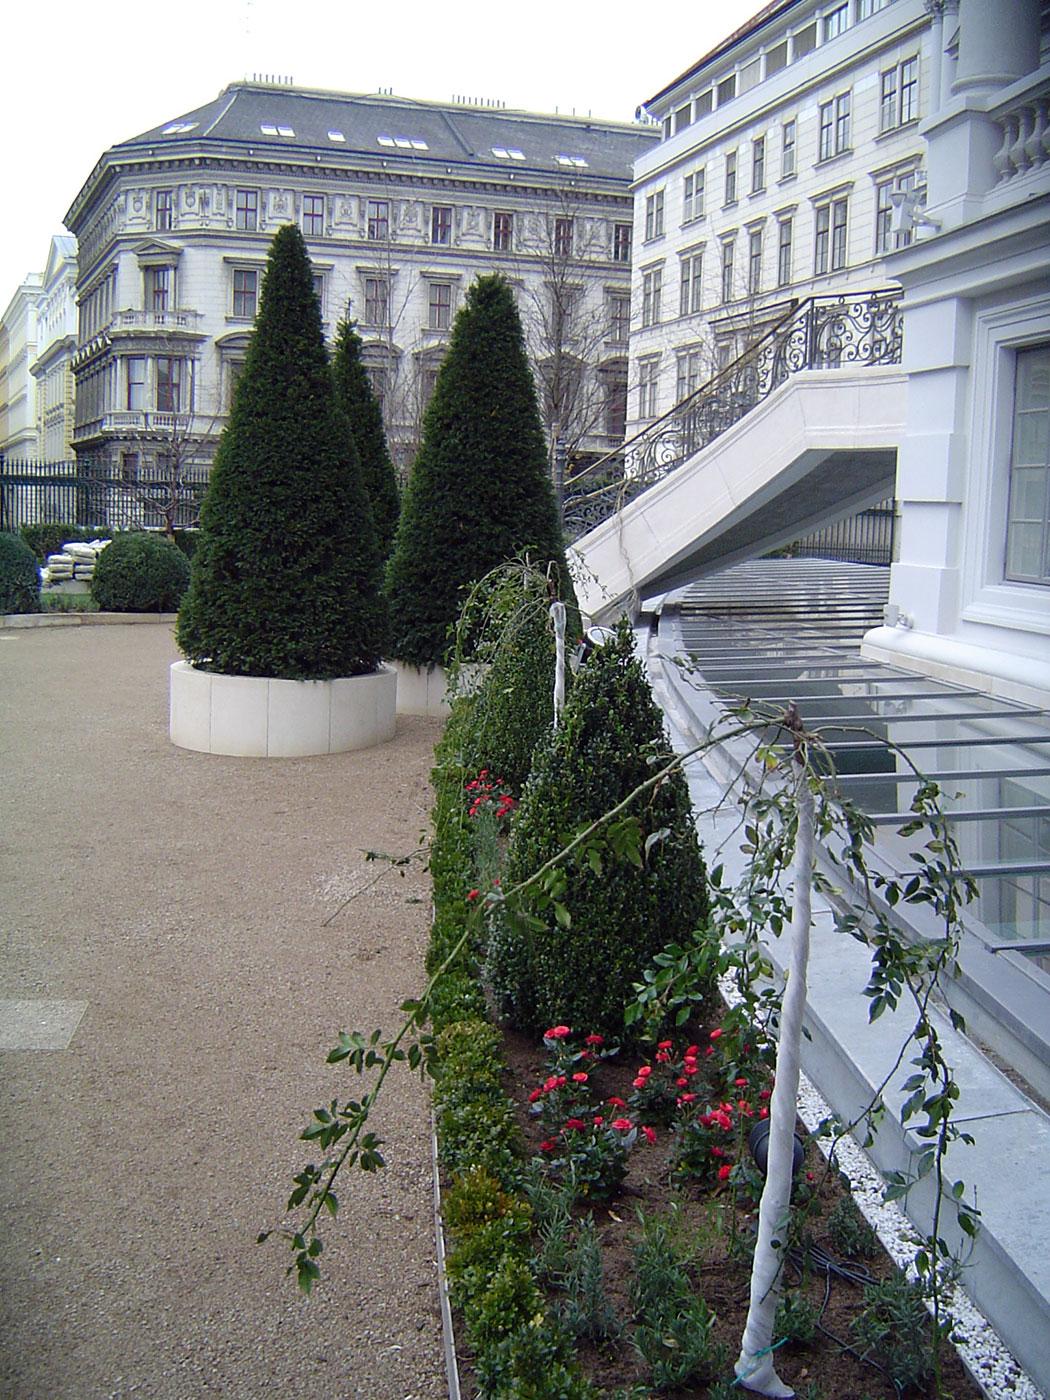 Mgg marchfelder gartengestaltung ein traum von einem garten for Gartengestaltung coburg